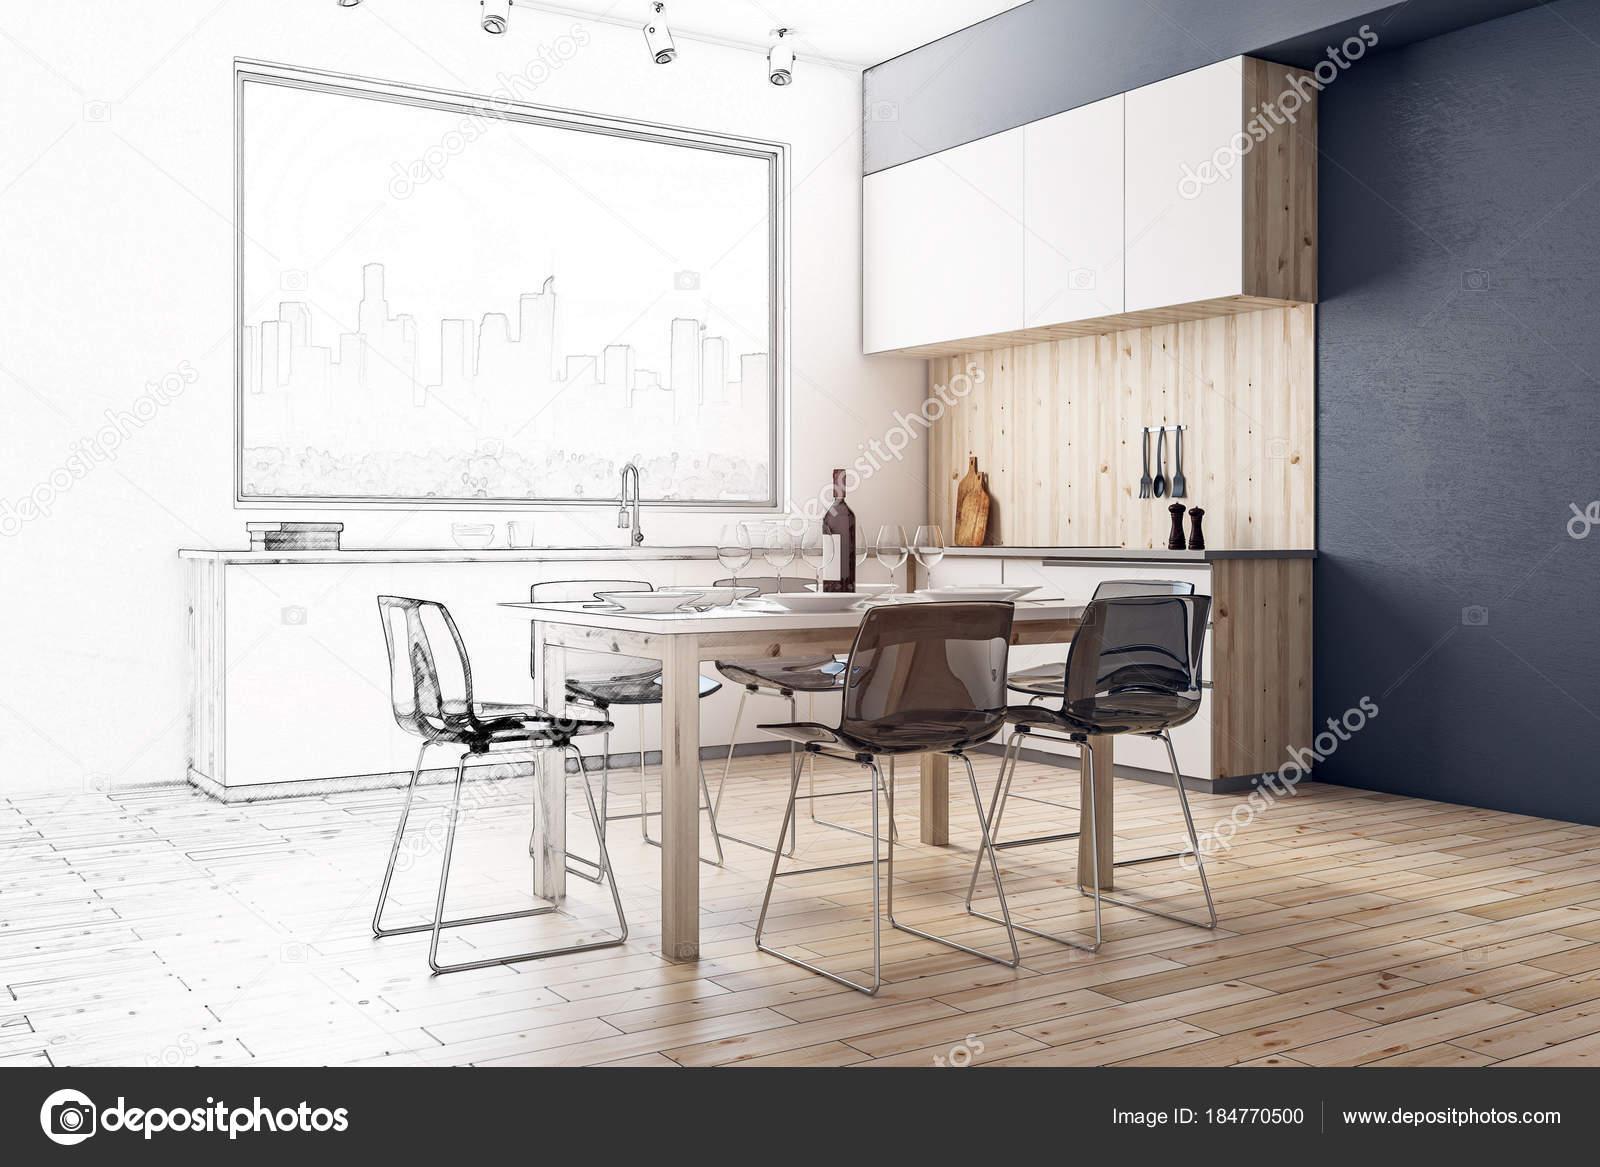 Atemberaubend Gewerbl Küchendesign Ideen - Ideen Für Die Küche ...